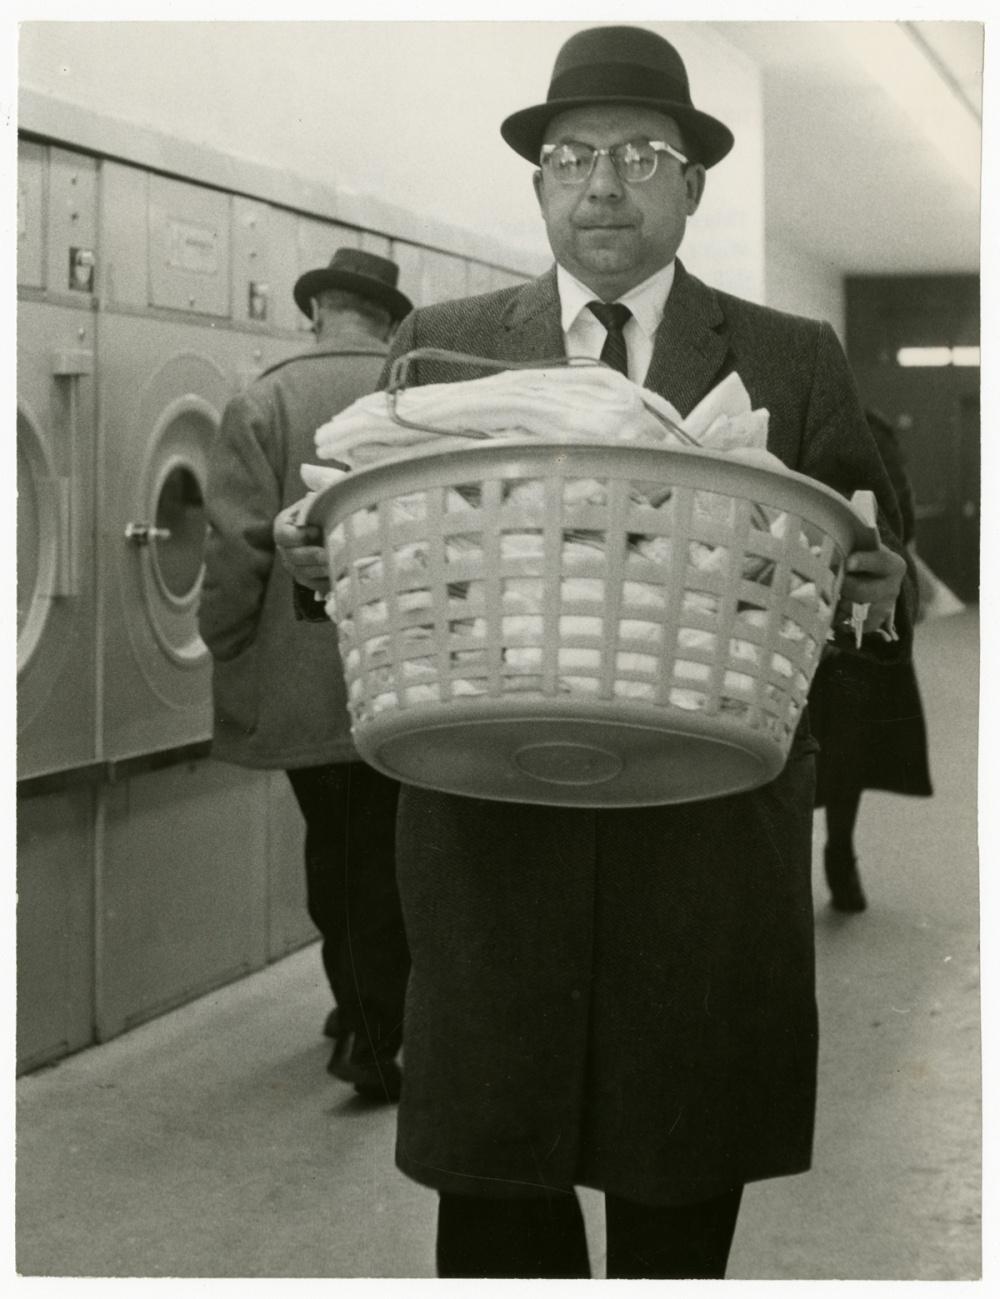 Erik Christensen (formerly known as Erik Schack), Laundromat, 1960. Gelatin silver print, 9 x 7